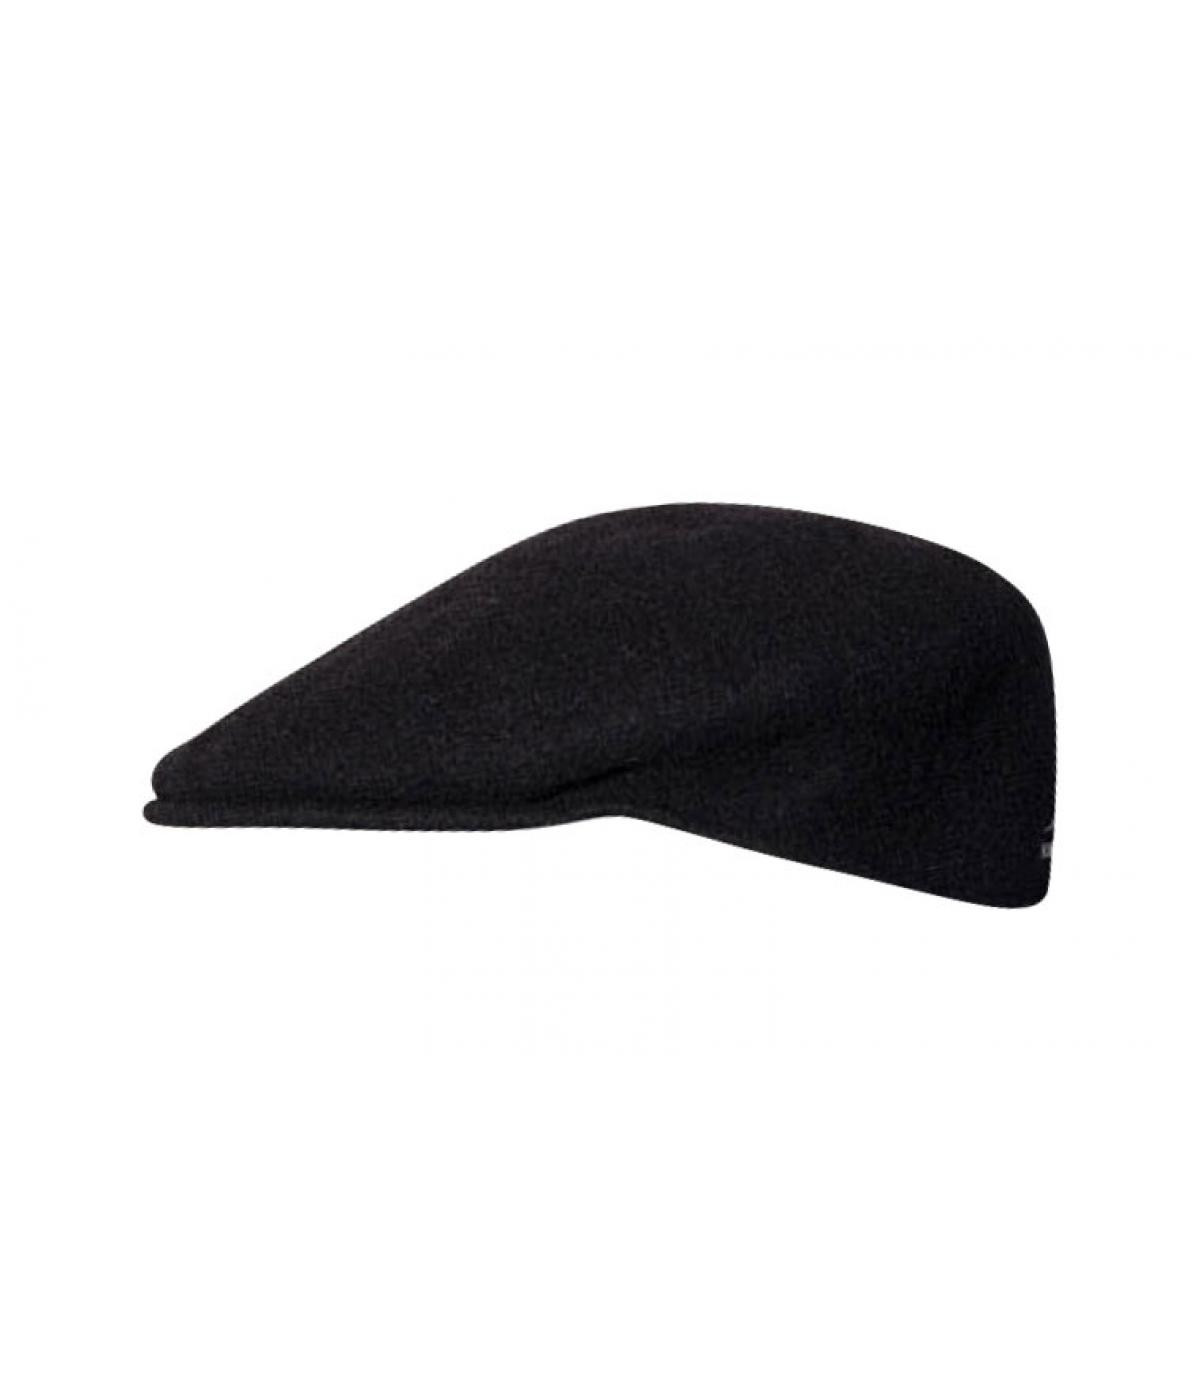 Détails 504 wool noir - image 2